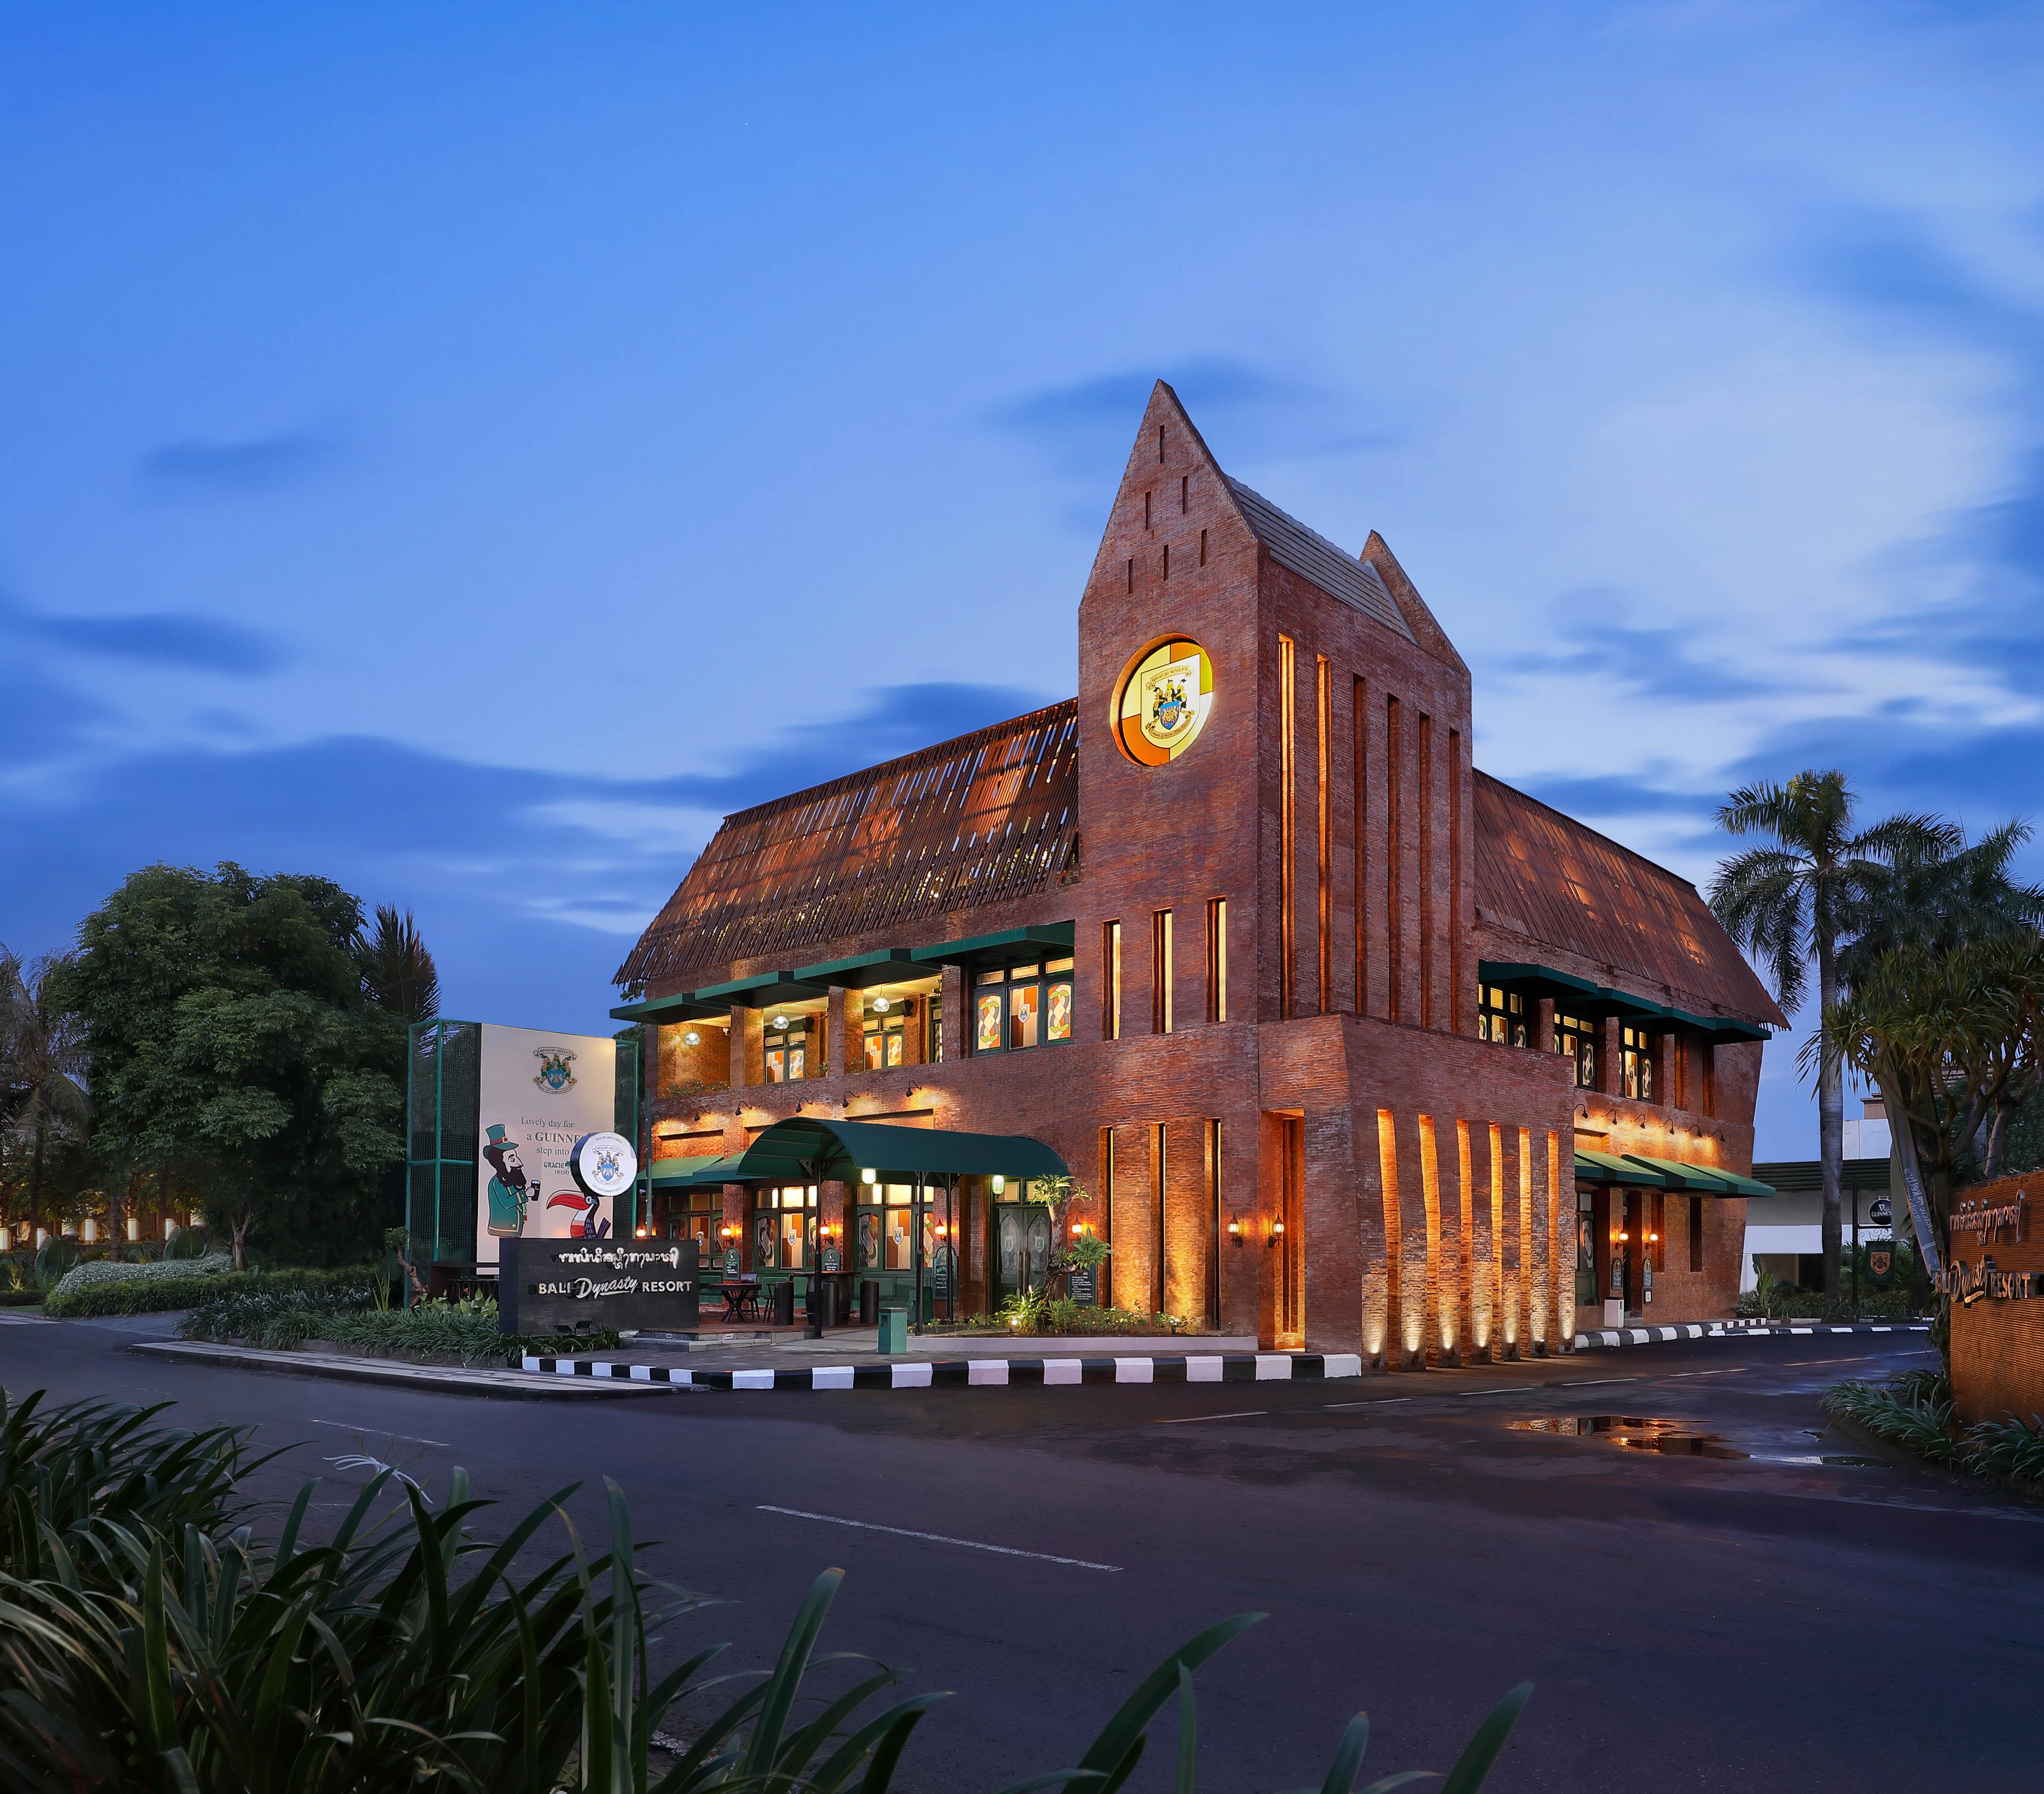 Gracie Kelly's Bali